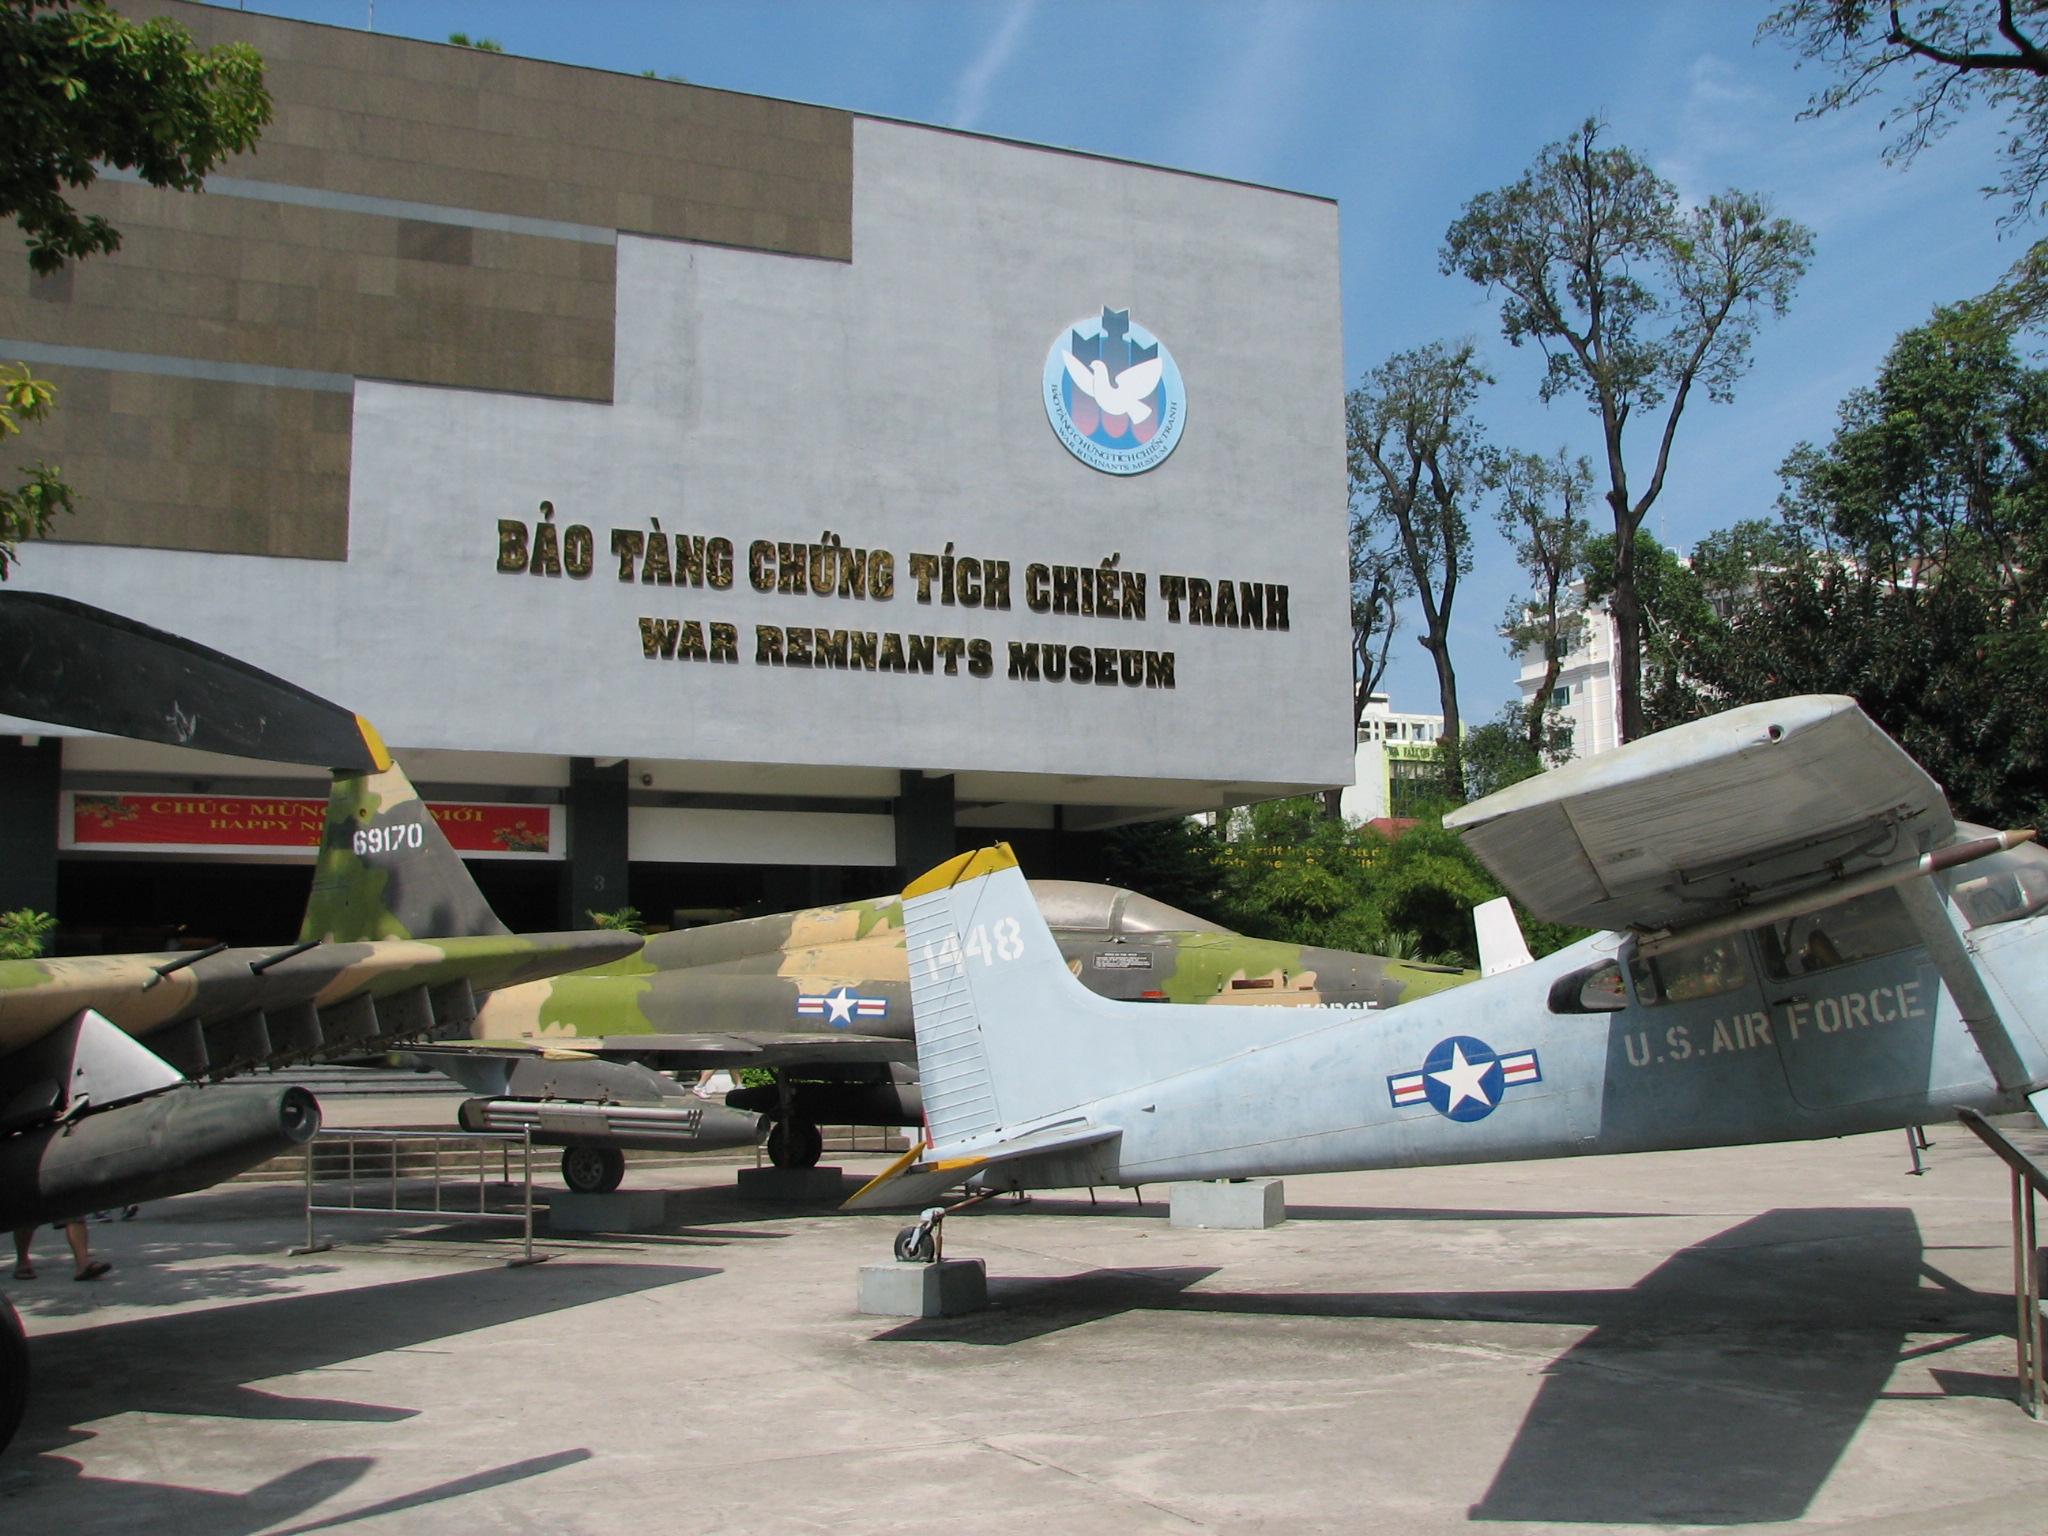 War Remnants Museum in Vietnam